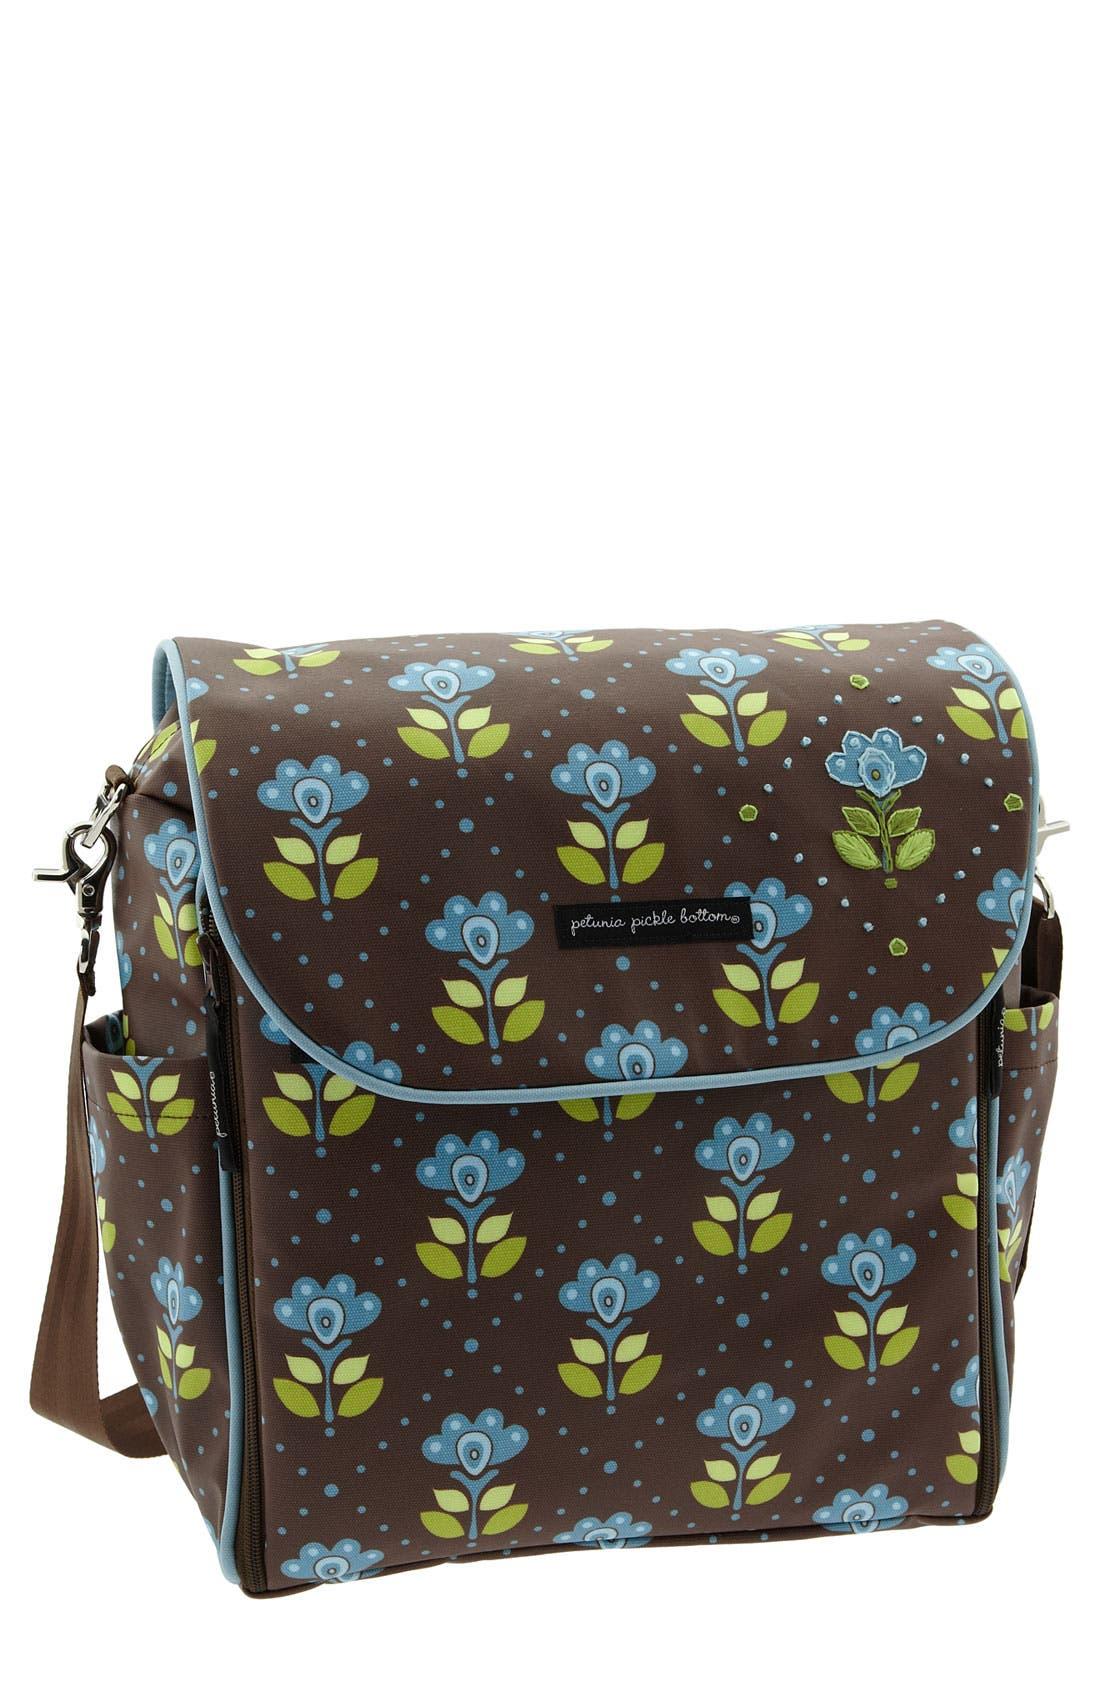 Alternate Image 1 Selected - Petunia Pickle Bottom 'Brocade' Diaper Bag